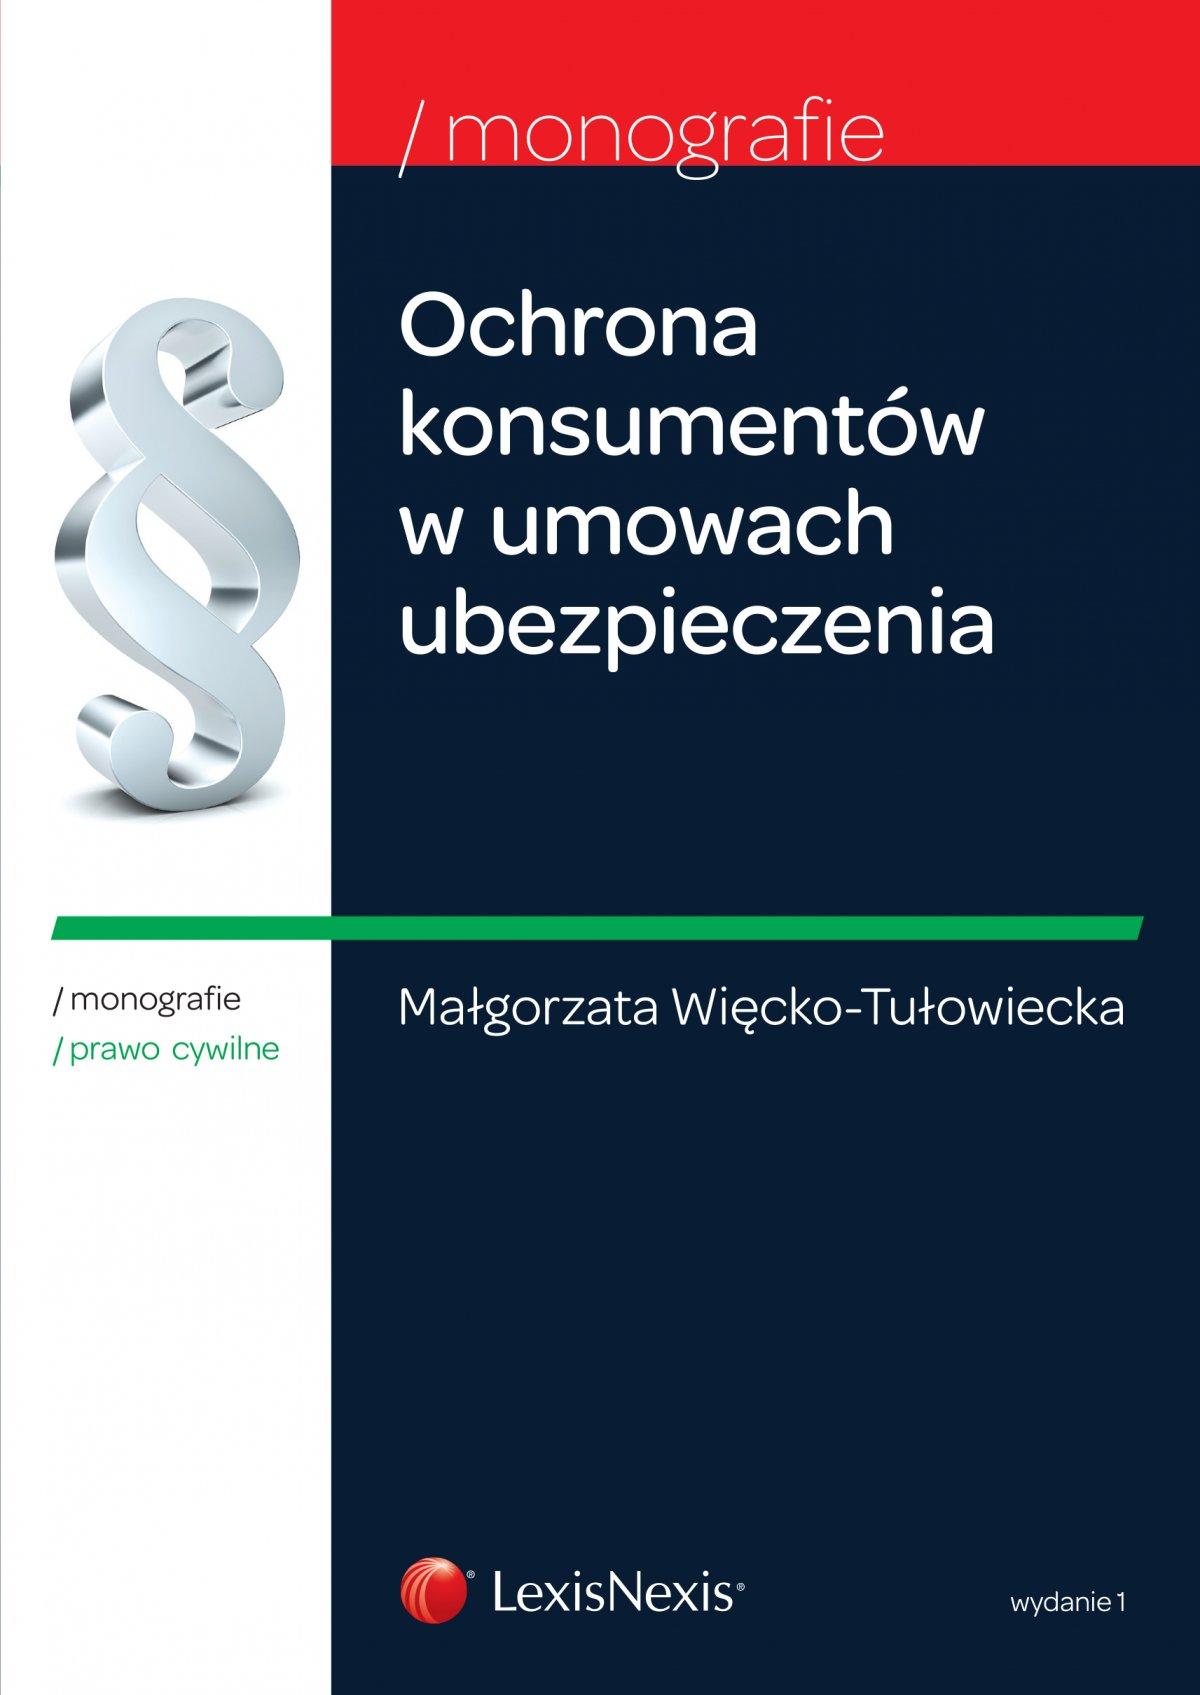 Ochrona konsumentów w umowach ubezpieczenia. Wydanie 1 - Ebook (Książka EPUB) do pobrania w formacie EPUB